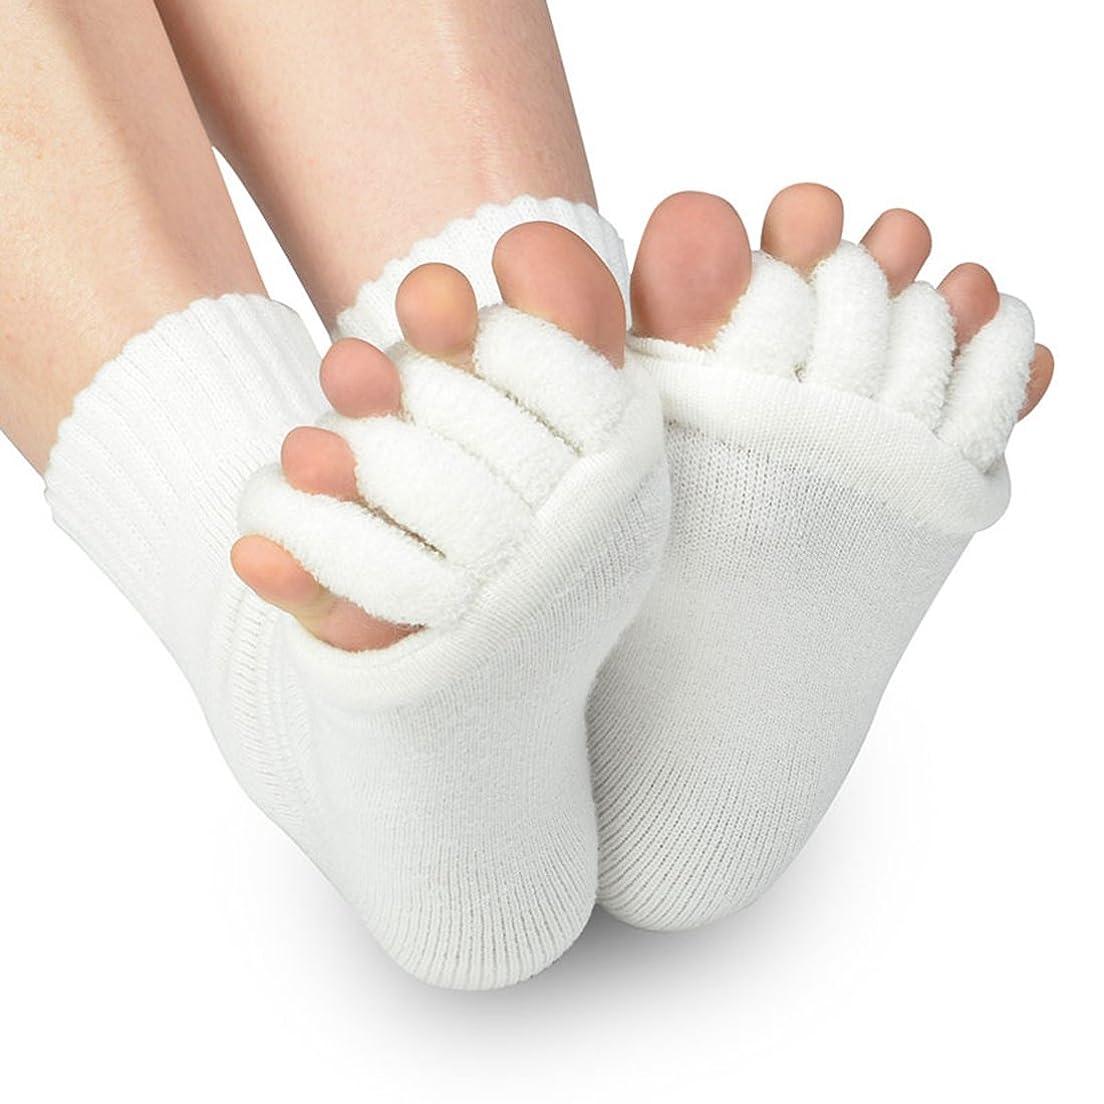 胴体審判クリスチャンB-PING 靴下 足指開き綿混5本指ハーフソックス 血行不良からくる足のむくみを即解消 足指開き 足指全開 男女兼用 履くだけで癒される 偏平足 対策 むくみ解消